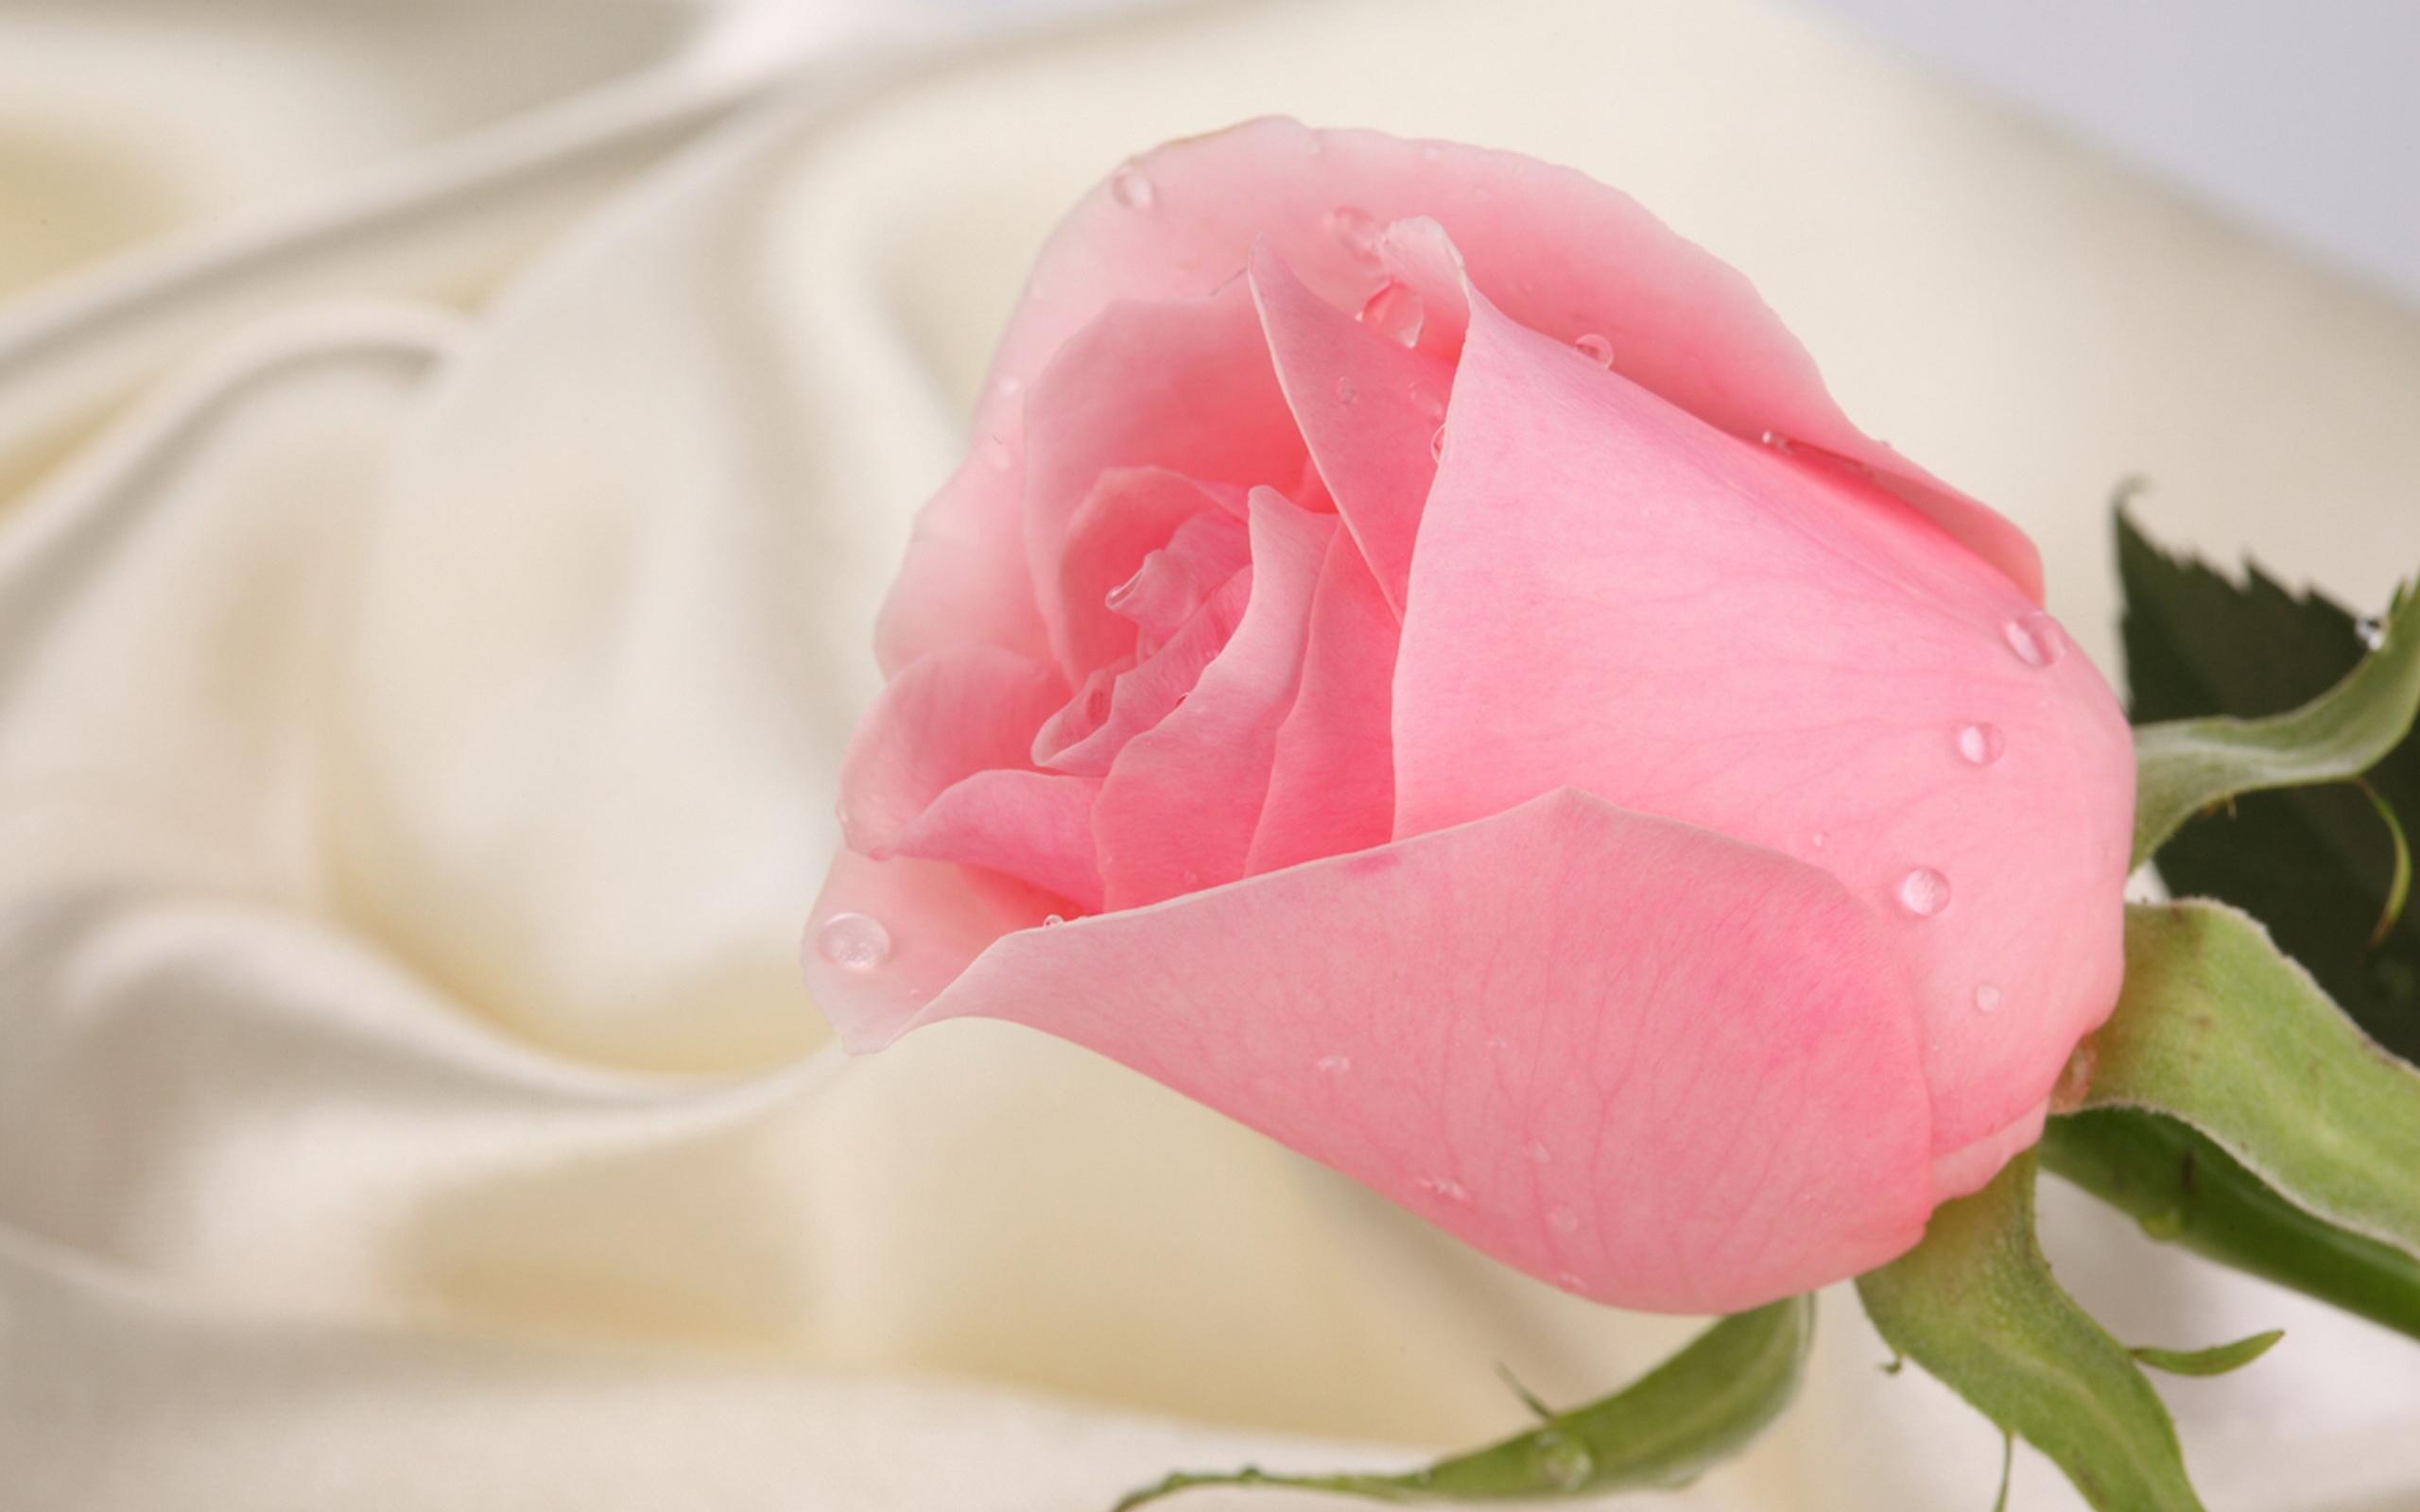 36631 скачать Красные обои на телефон бесплатно, Растения, Цветы, Розы Красные картинки и заставки на мобильный